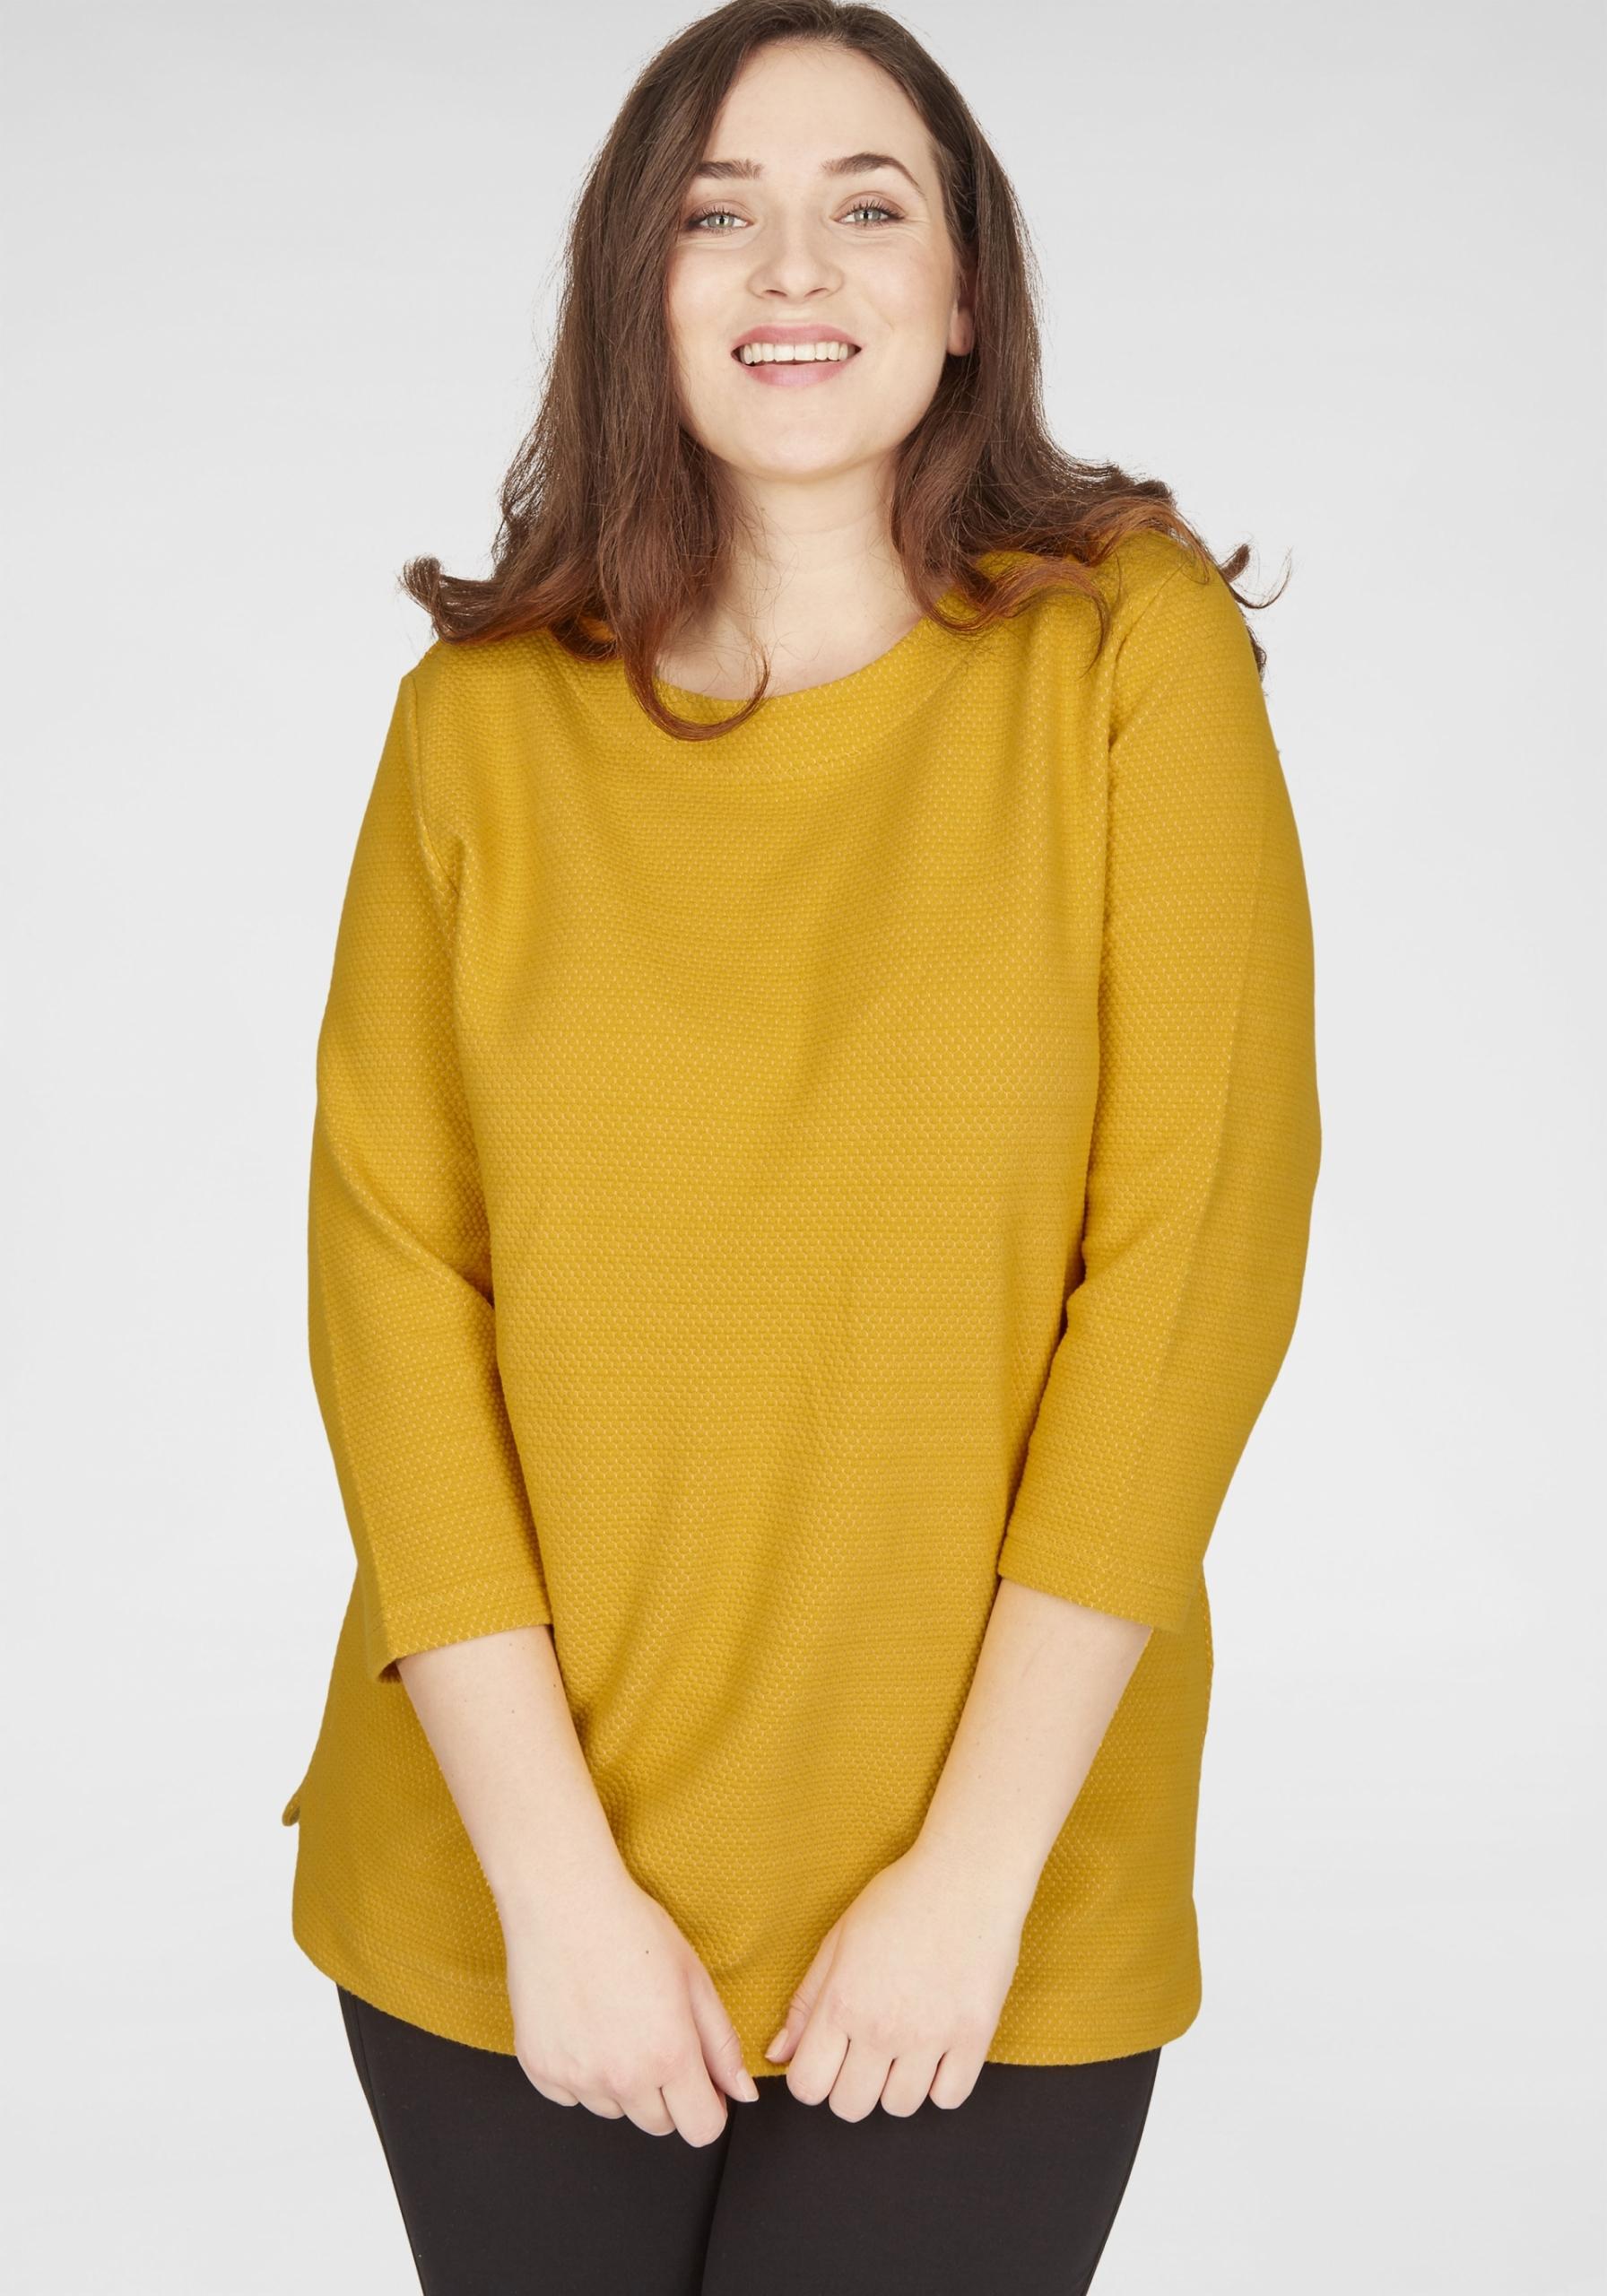 Damen Struktur-Sweatshirt mit 3/4-Arm gelb